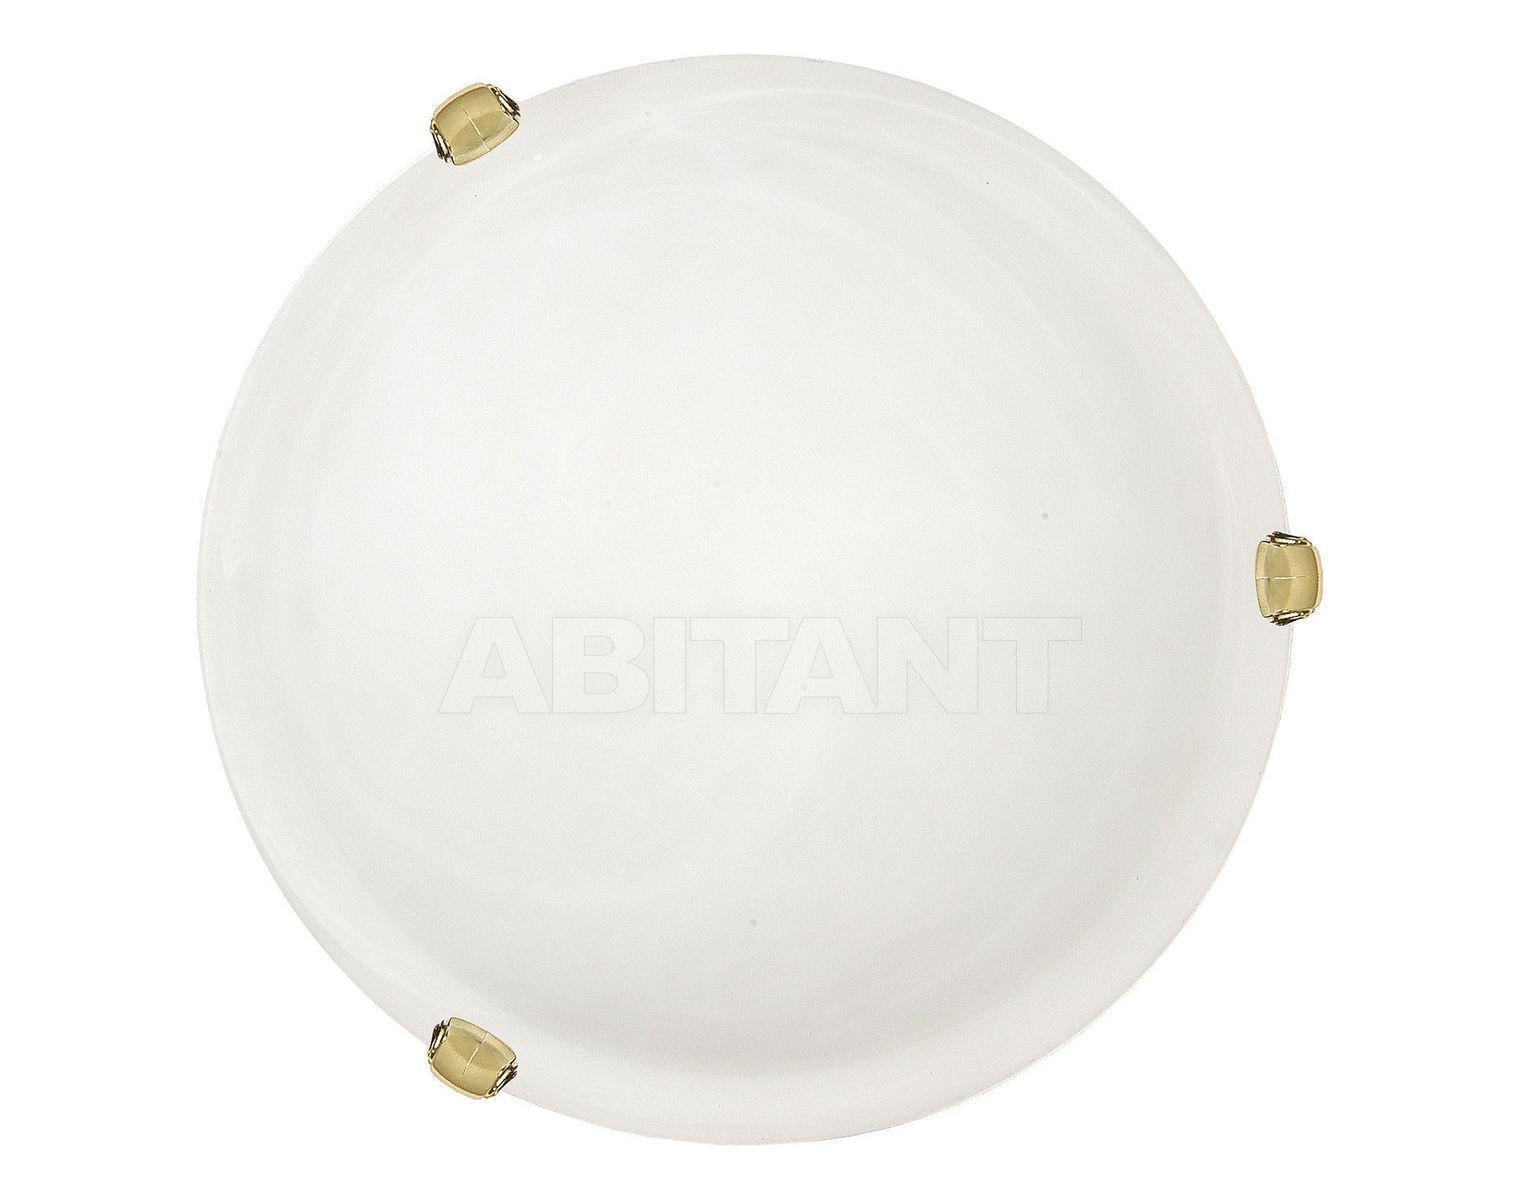 Купить Светильник настенный ALBASTRO Lucide  Ceiling & Wall Lights 07113/30/67